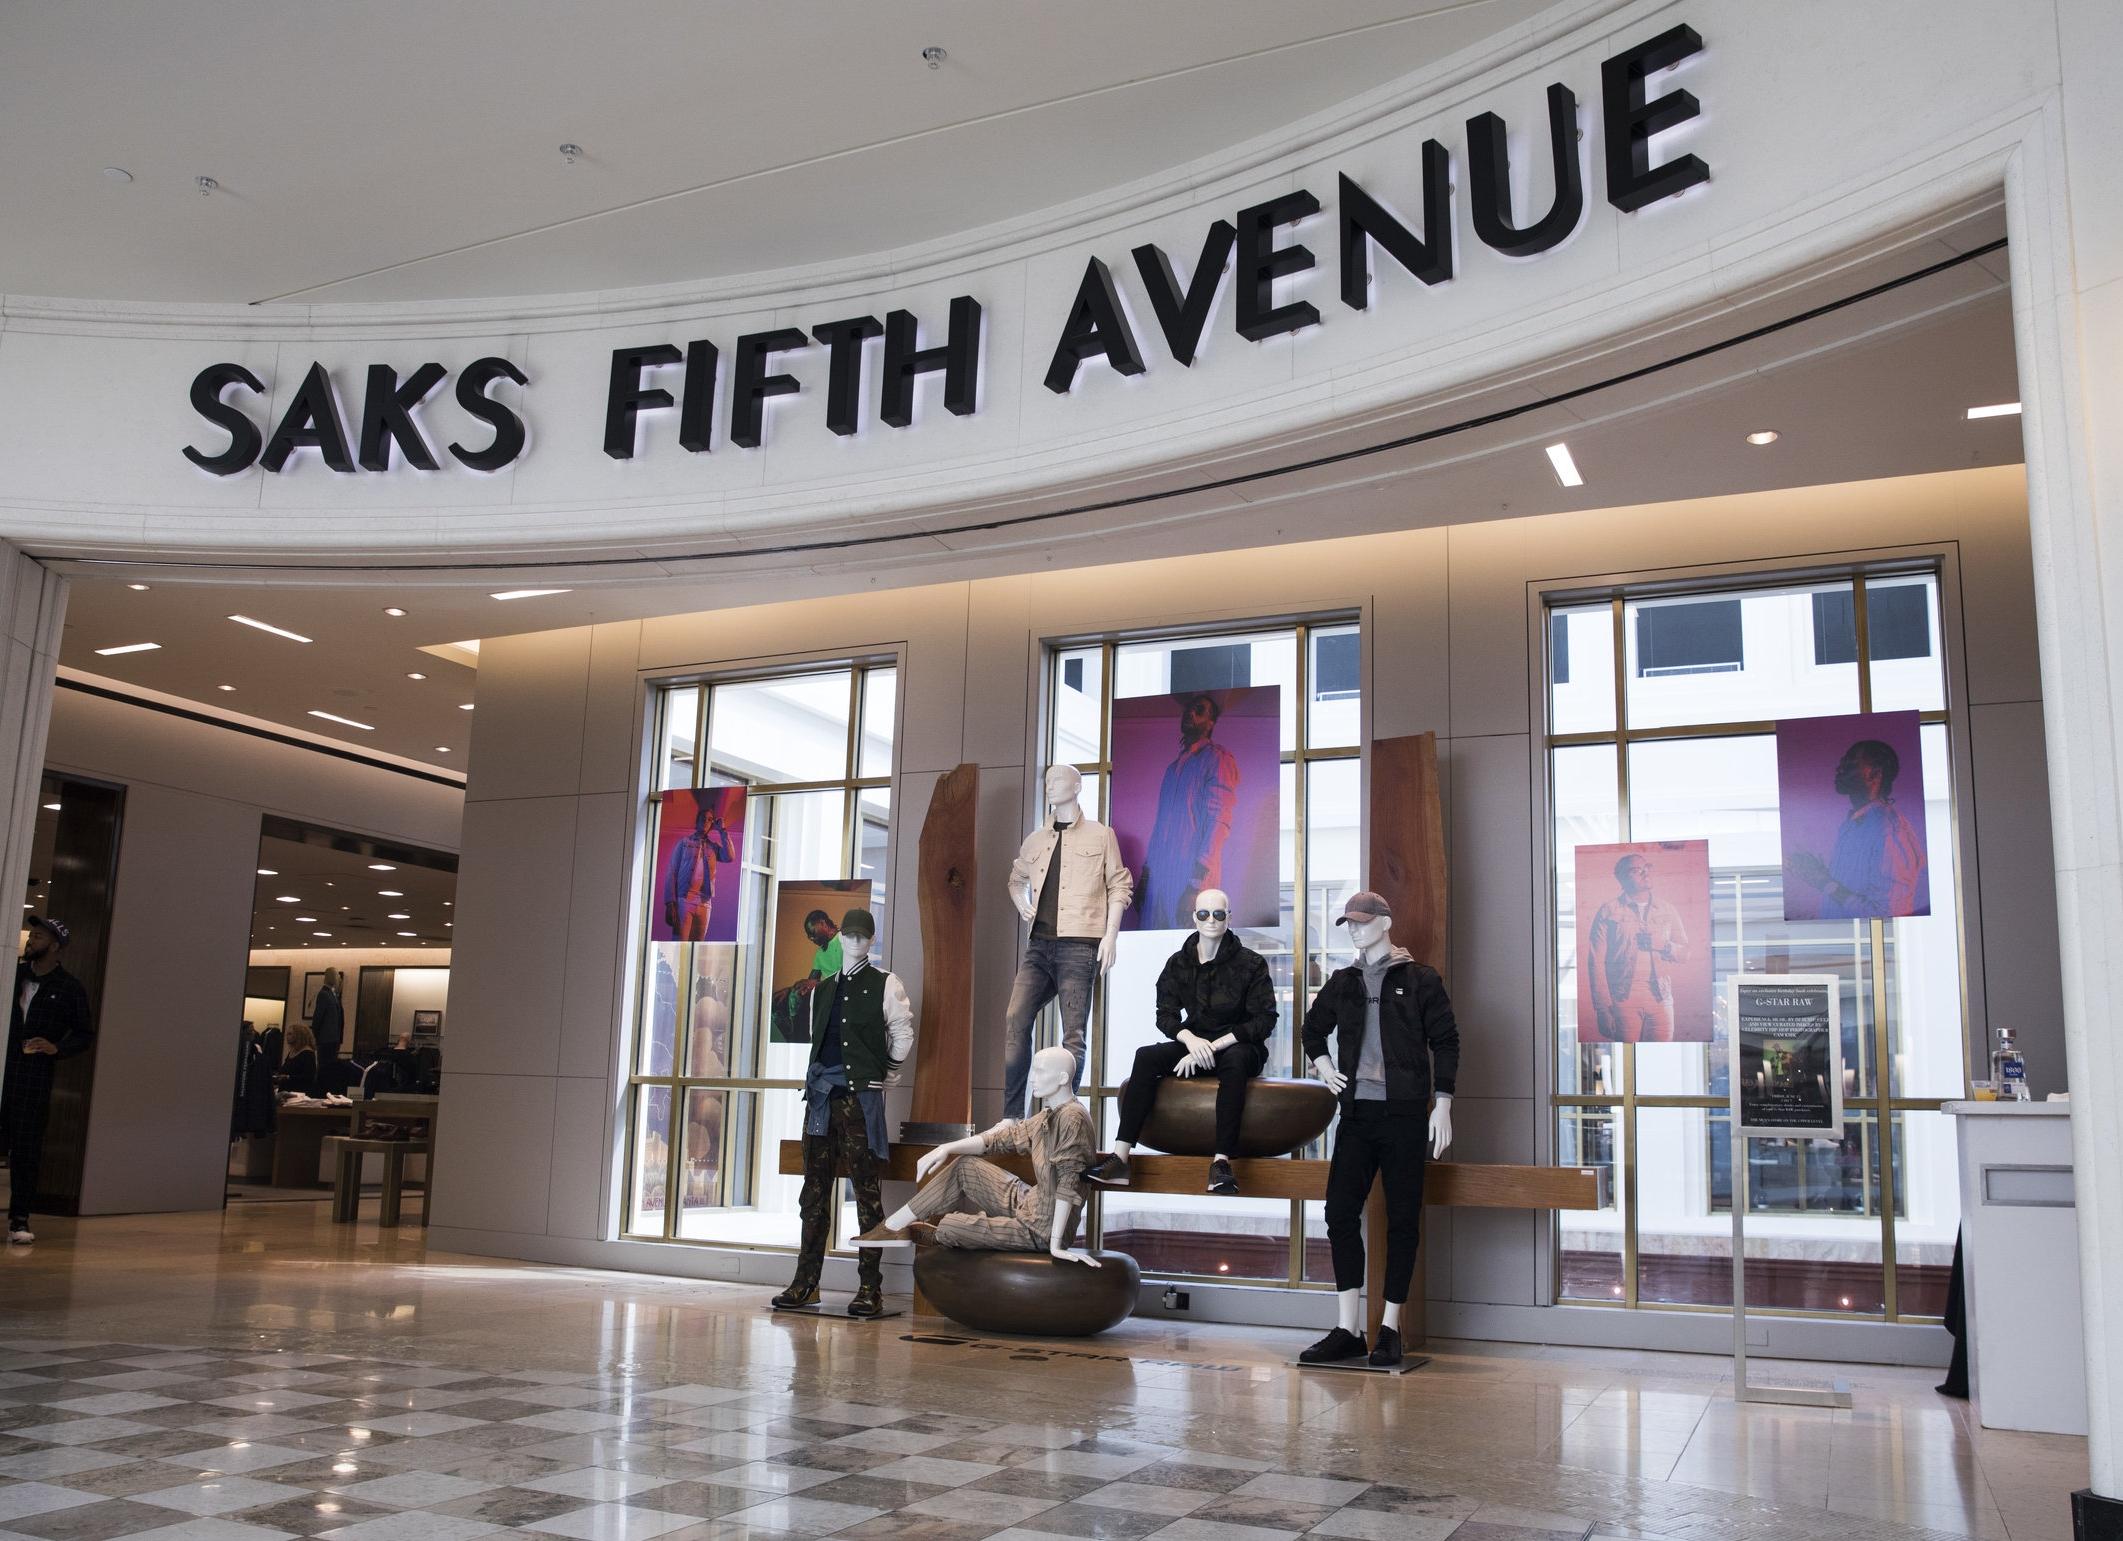 Hoodrich Pablo Juan & Gunna for GStar, Saks Fifth Avenue Installation, Atlanta, GA 2018    (click to see more)